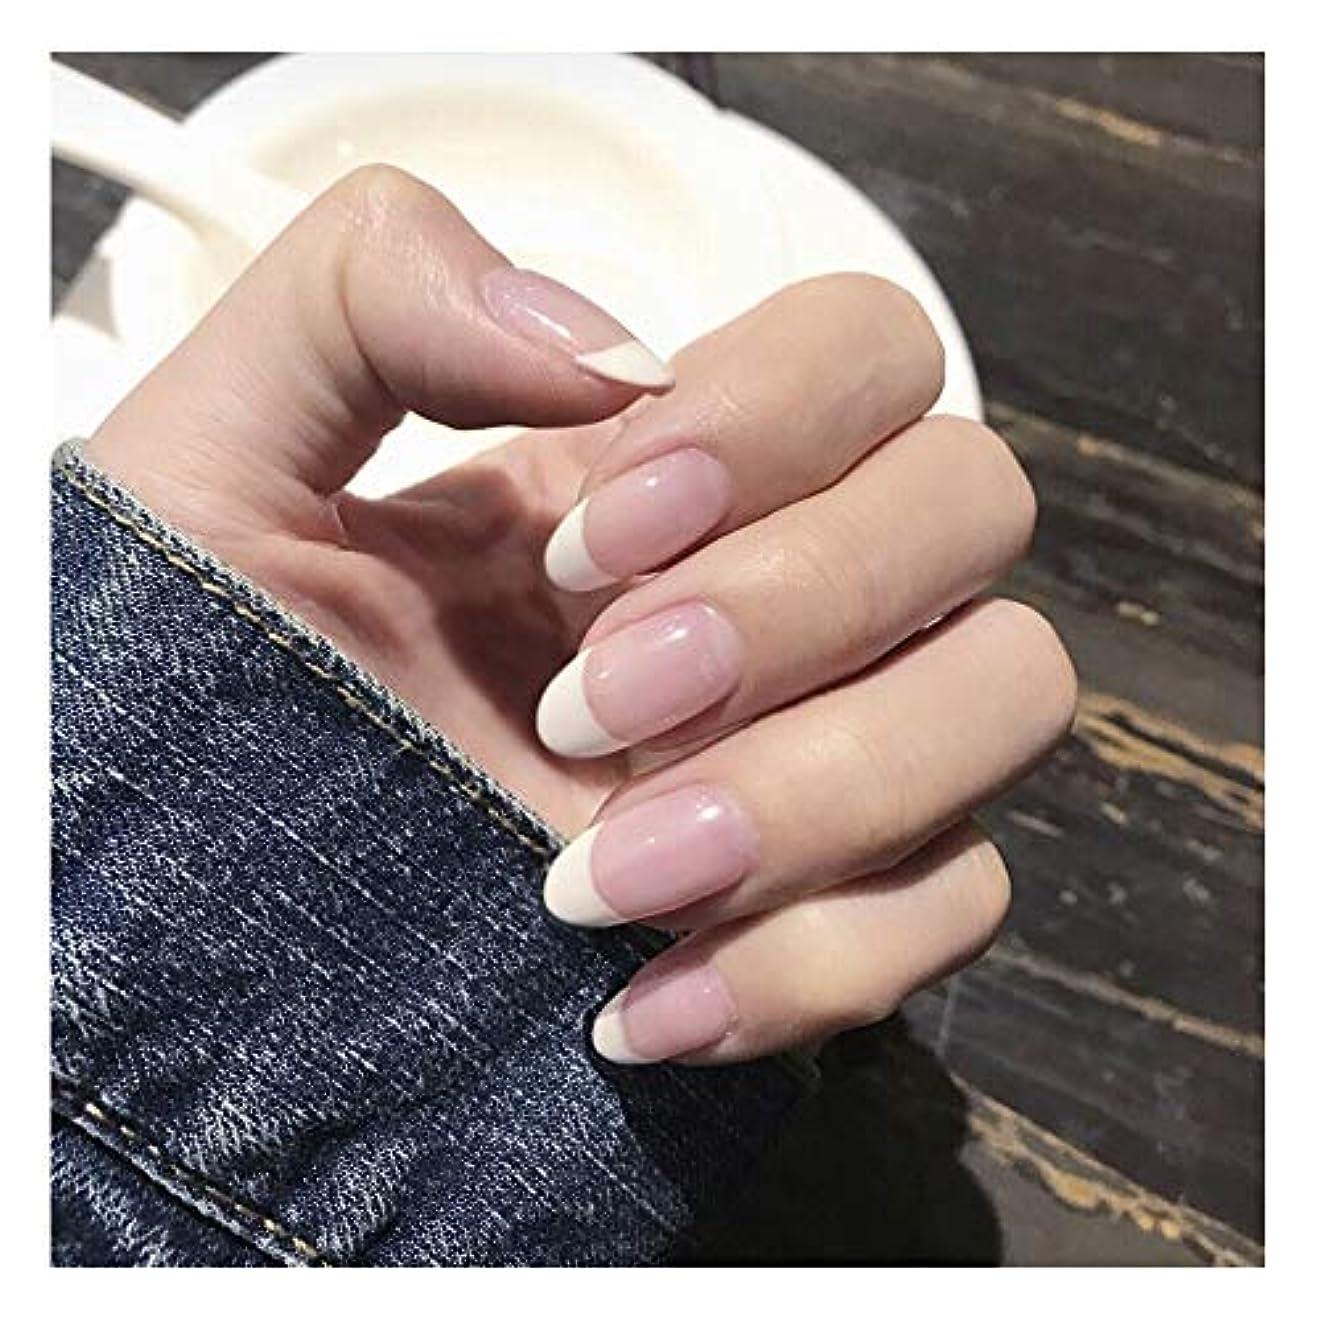 動かないライトニング振りかけるTAALESET 透明ピンク+ホワイト下部偽爪ロングネイルズグルー完成ネイル偽爪を指摘しました (色 : 24 pieces)